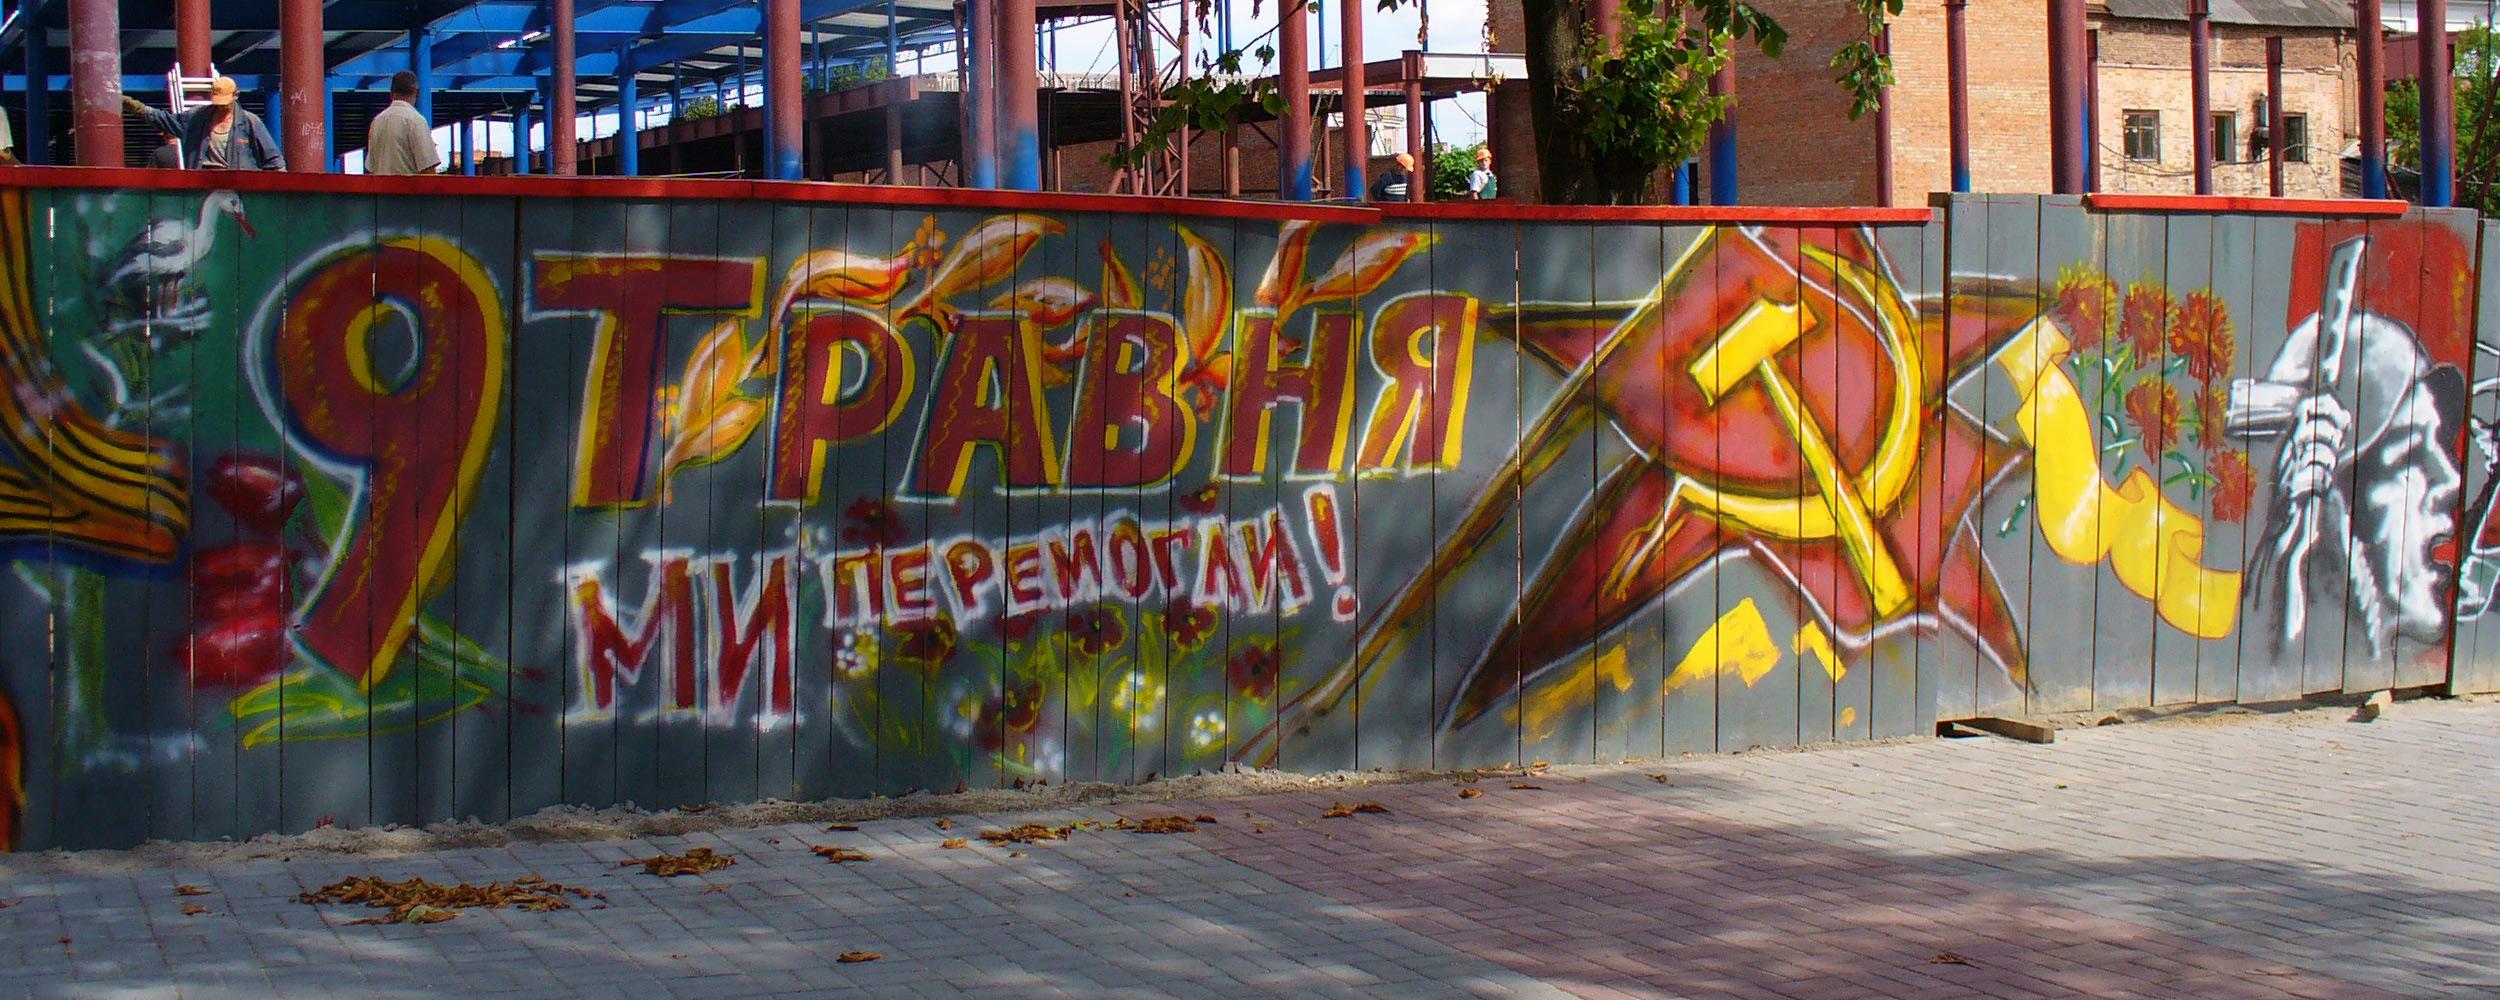 Nice euphoric le me-may graffiti : justneckbeardthings